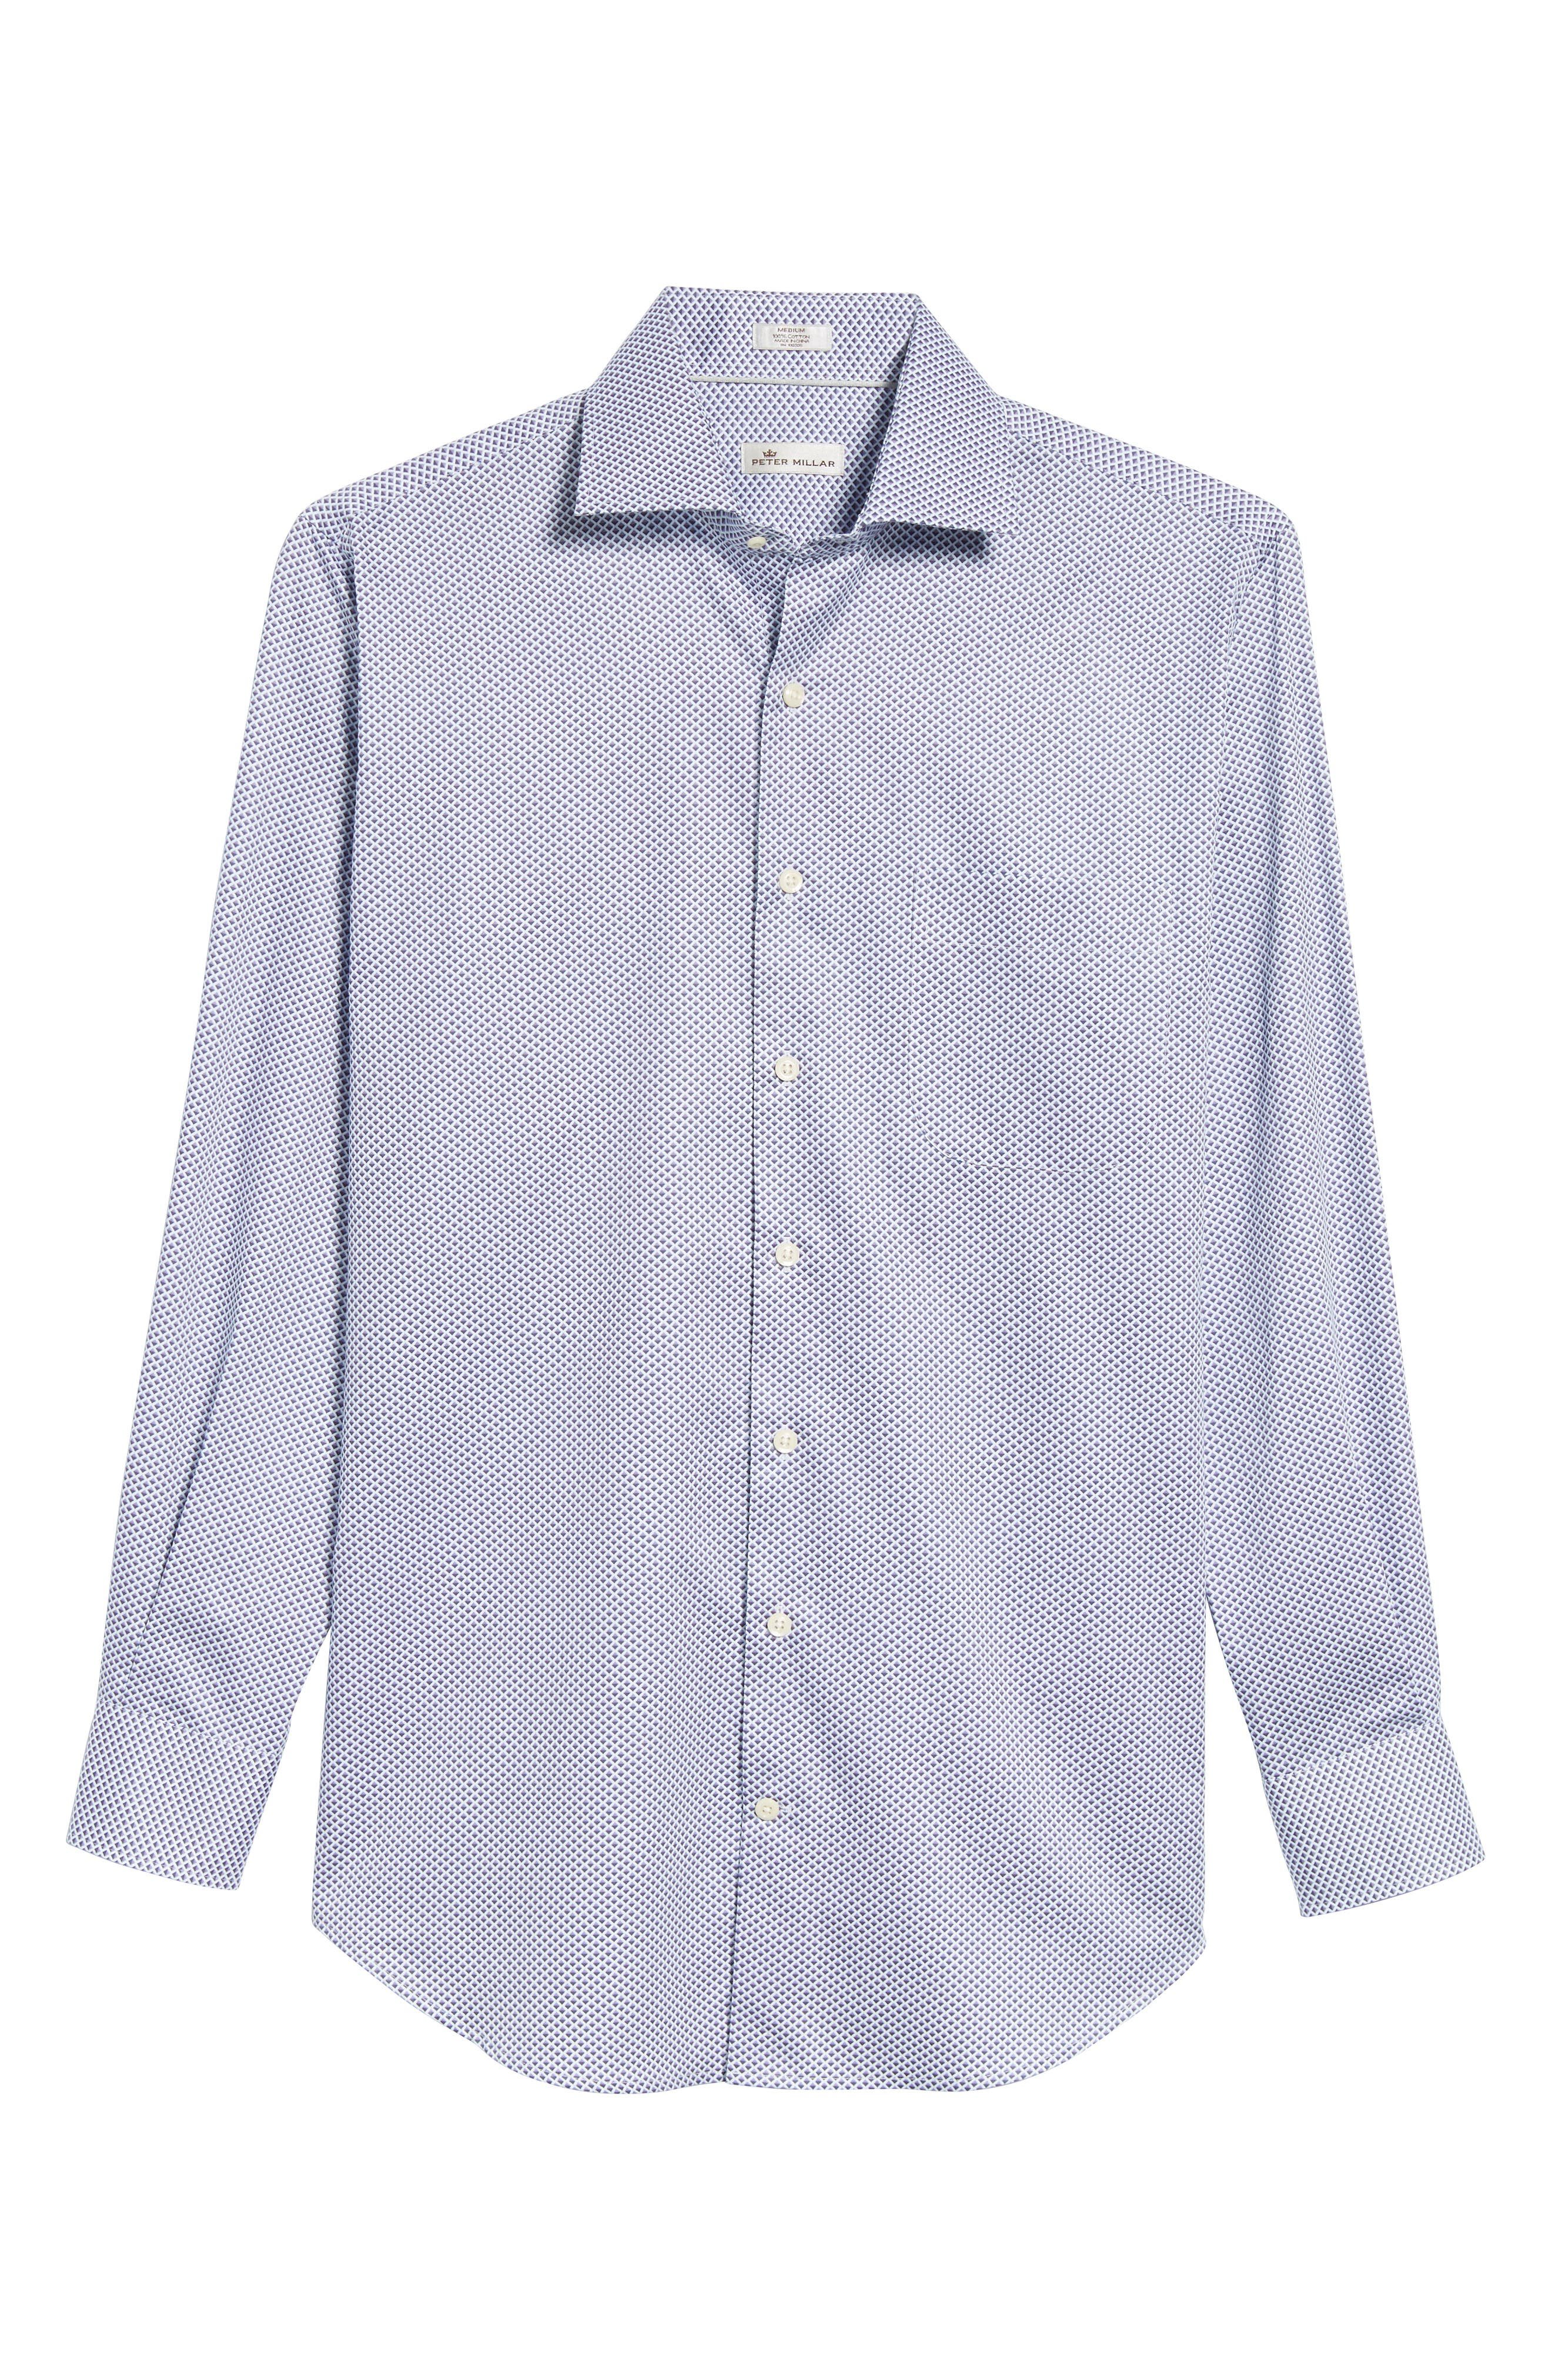 Geometric Horizon Sport Shirt,                             Alternate thumbnail 6, color,                             627